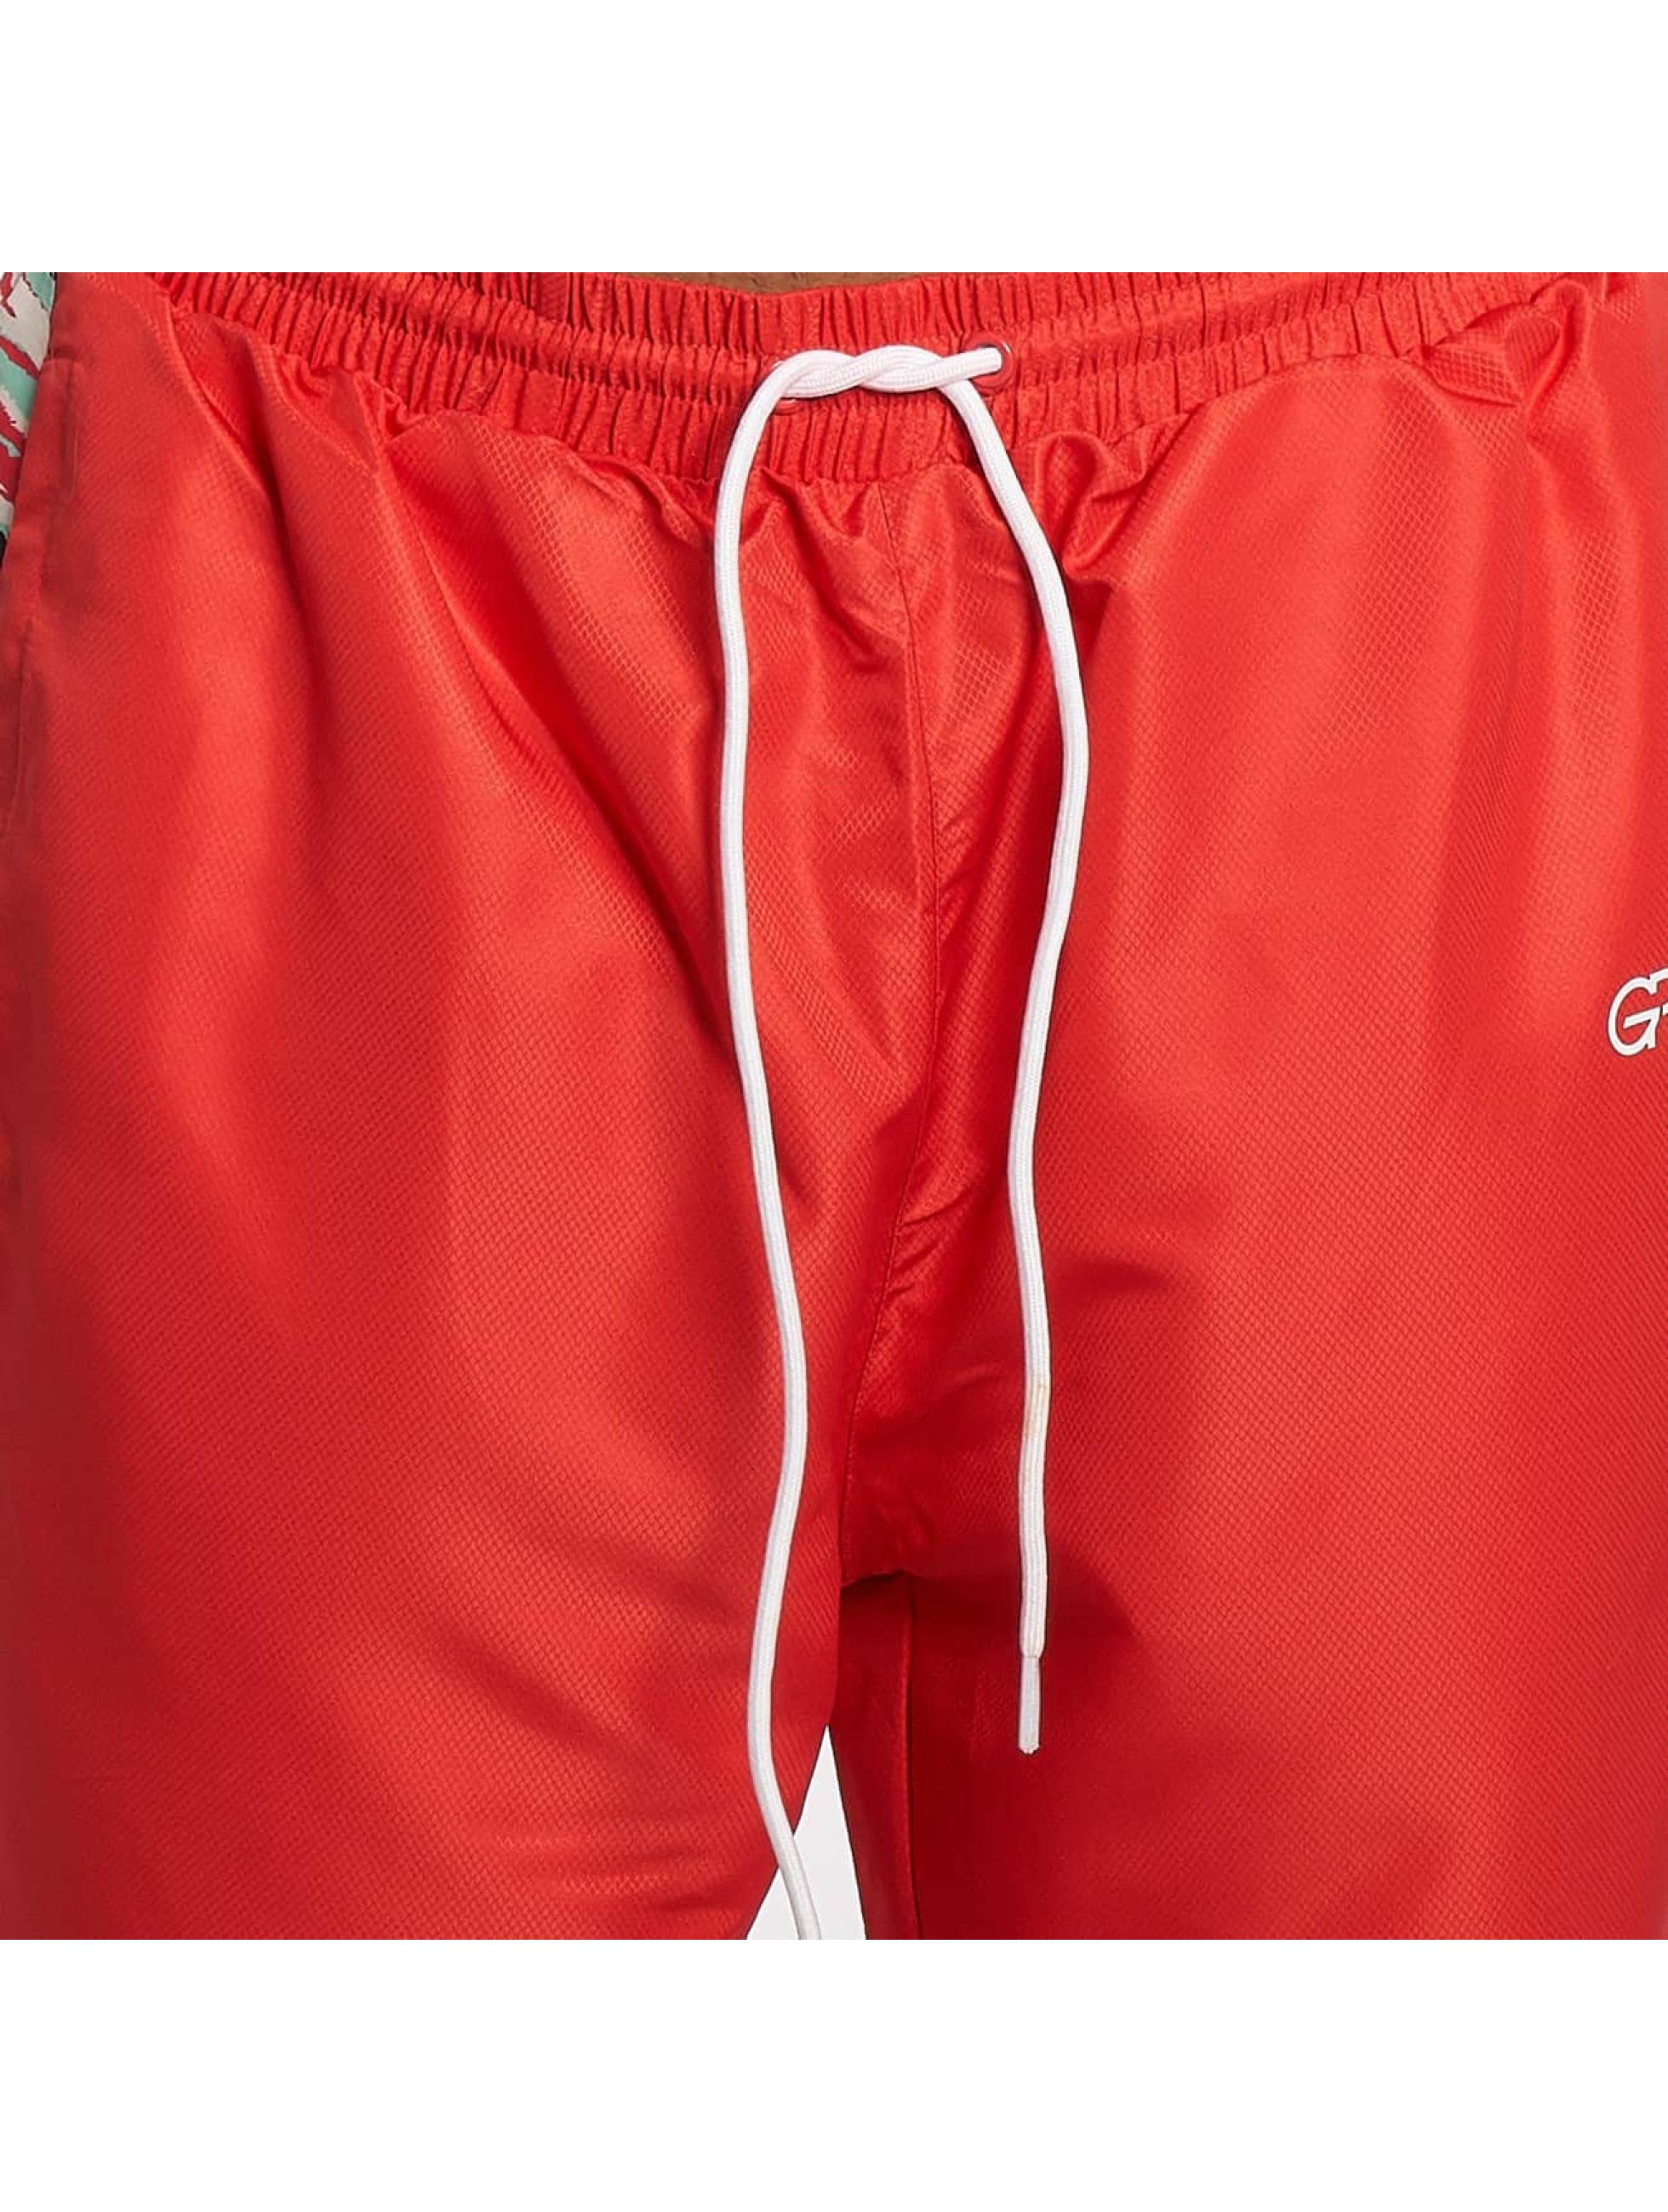 Grimey Wear Jogginghose Mangusta V8 rot